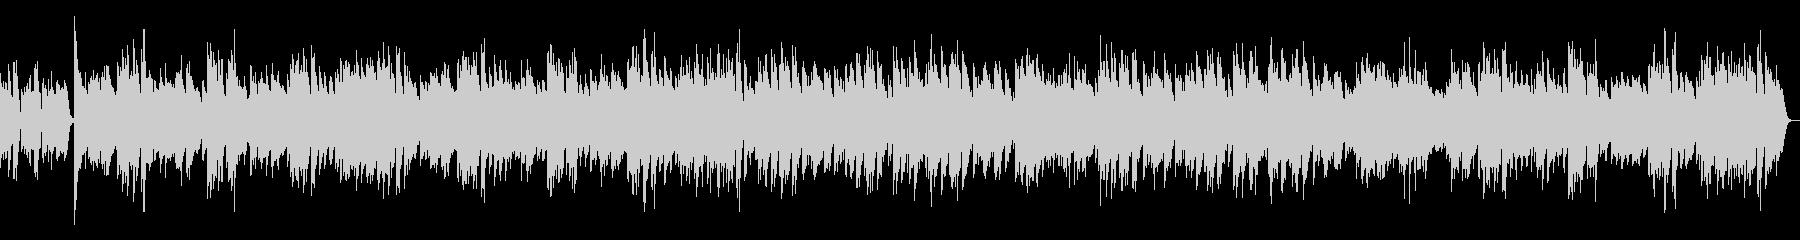 ジ・エンターテイナー ラグタイム(速い)の未再生の波形